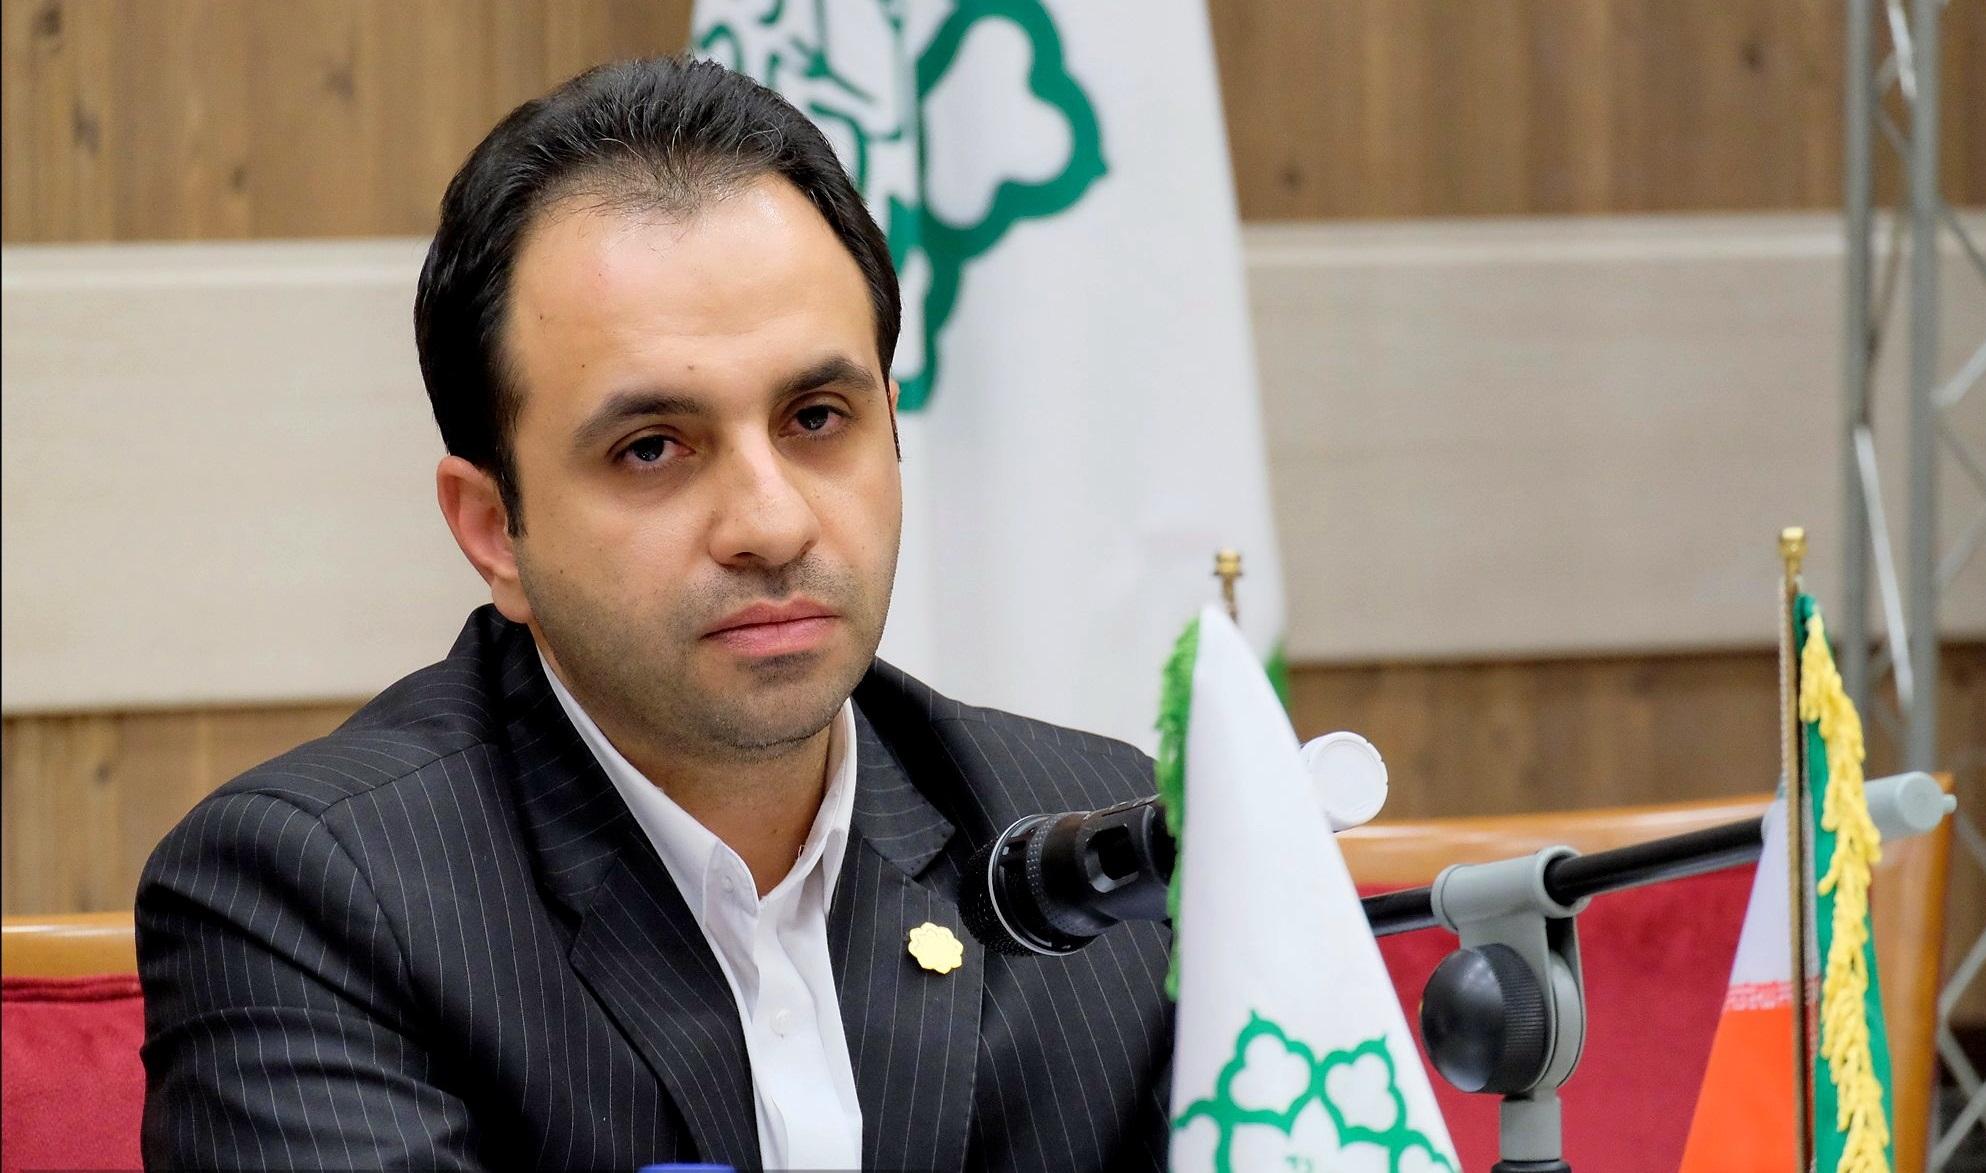 وزرات نفت در احداث خانه موزه شهید تندگویان بیننده نباشد